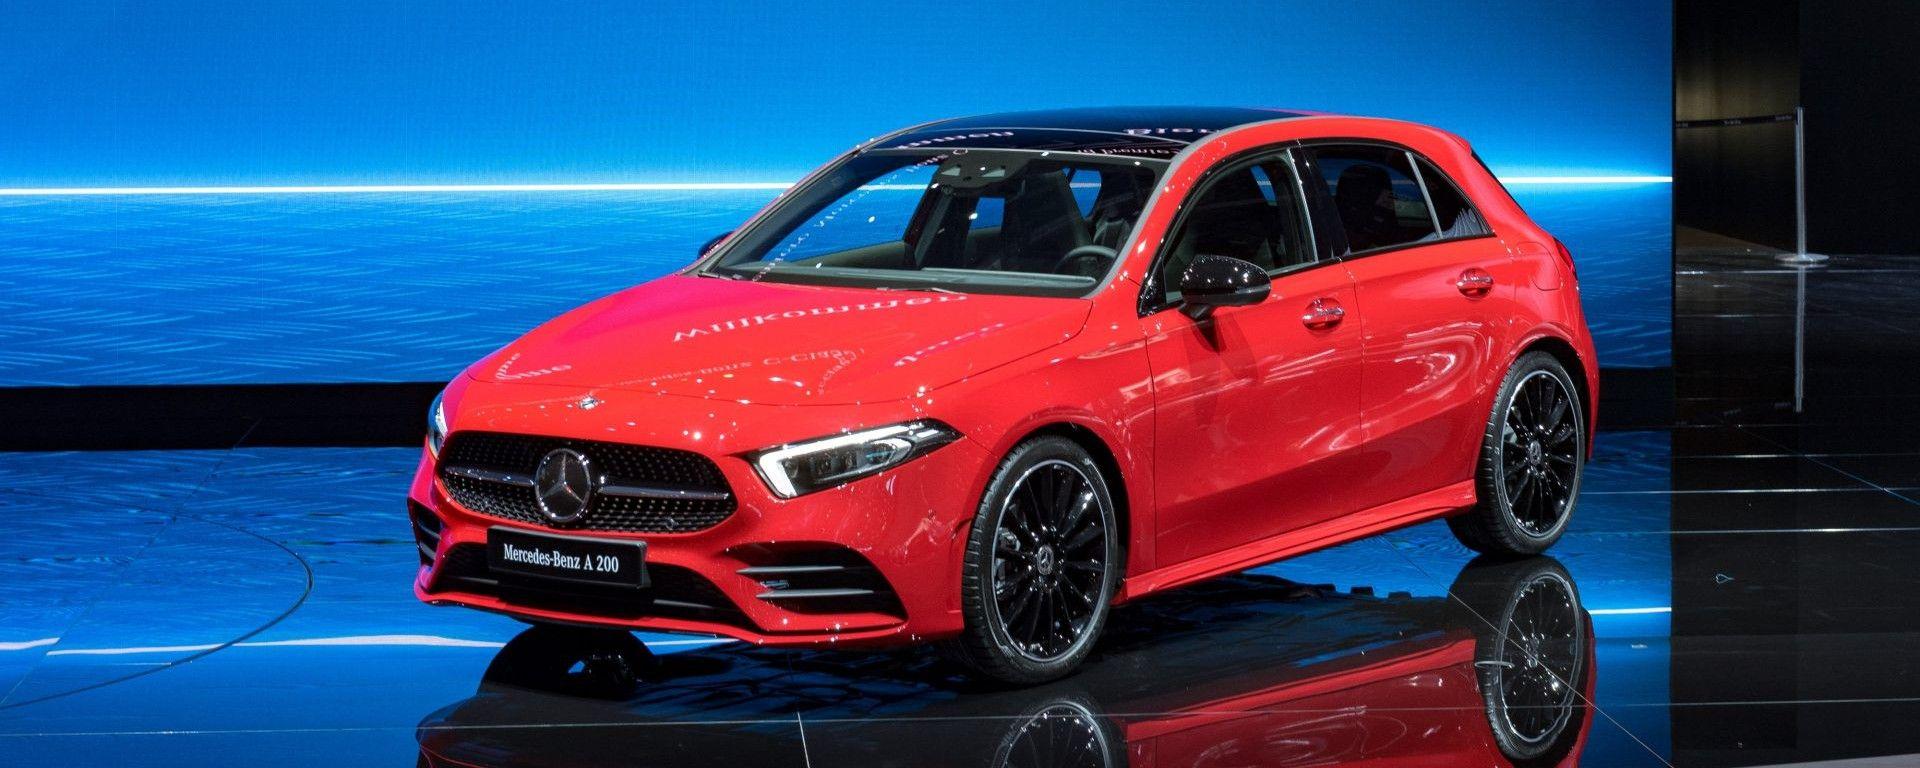 Salone di Ginevra 2018: le novità allo stand Mercedes